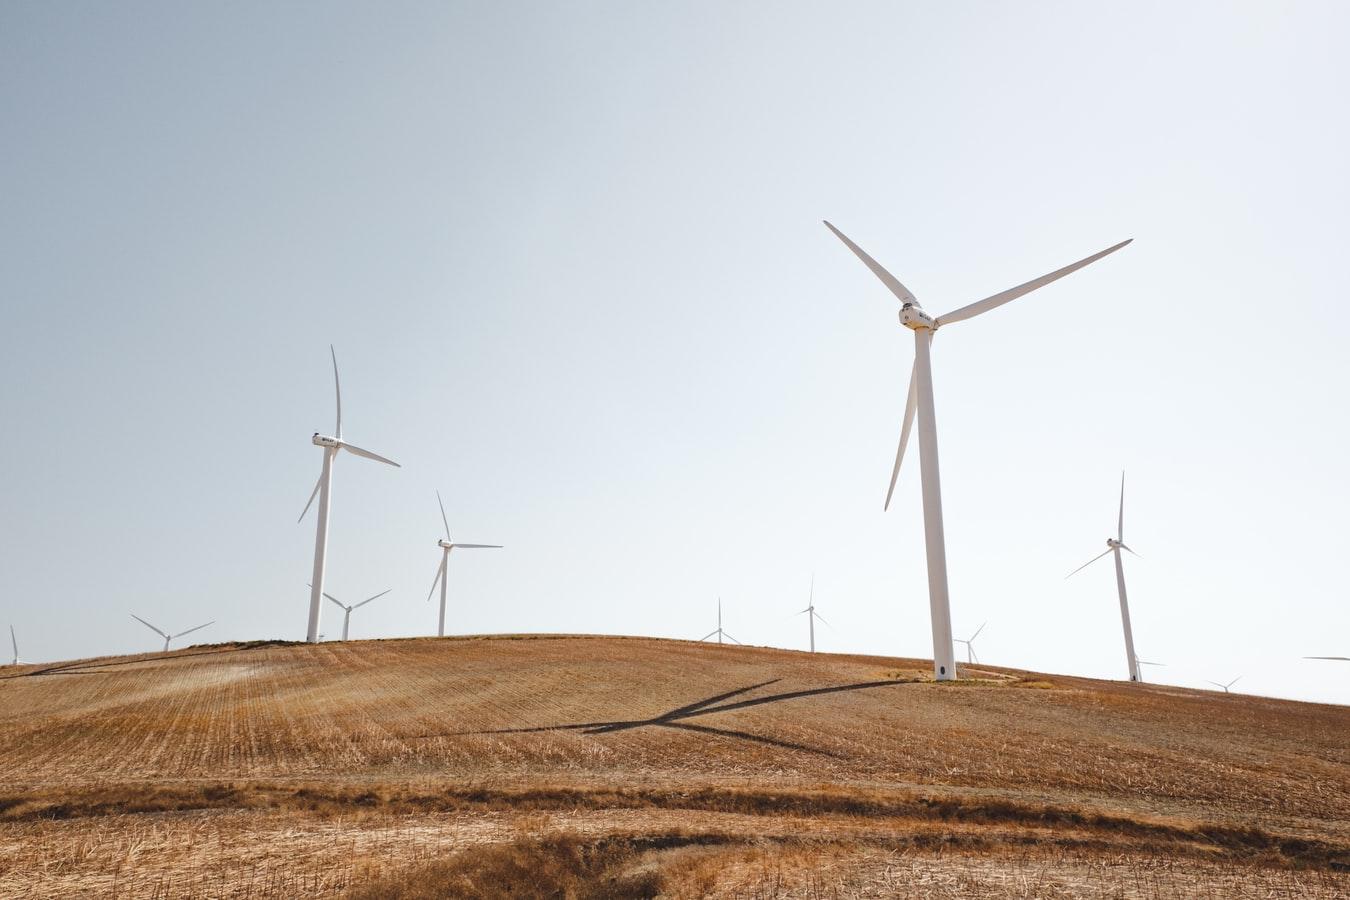 Predpovede na rok 2020 obnoviteľné zdroje energie